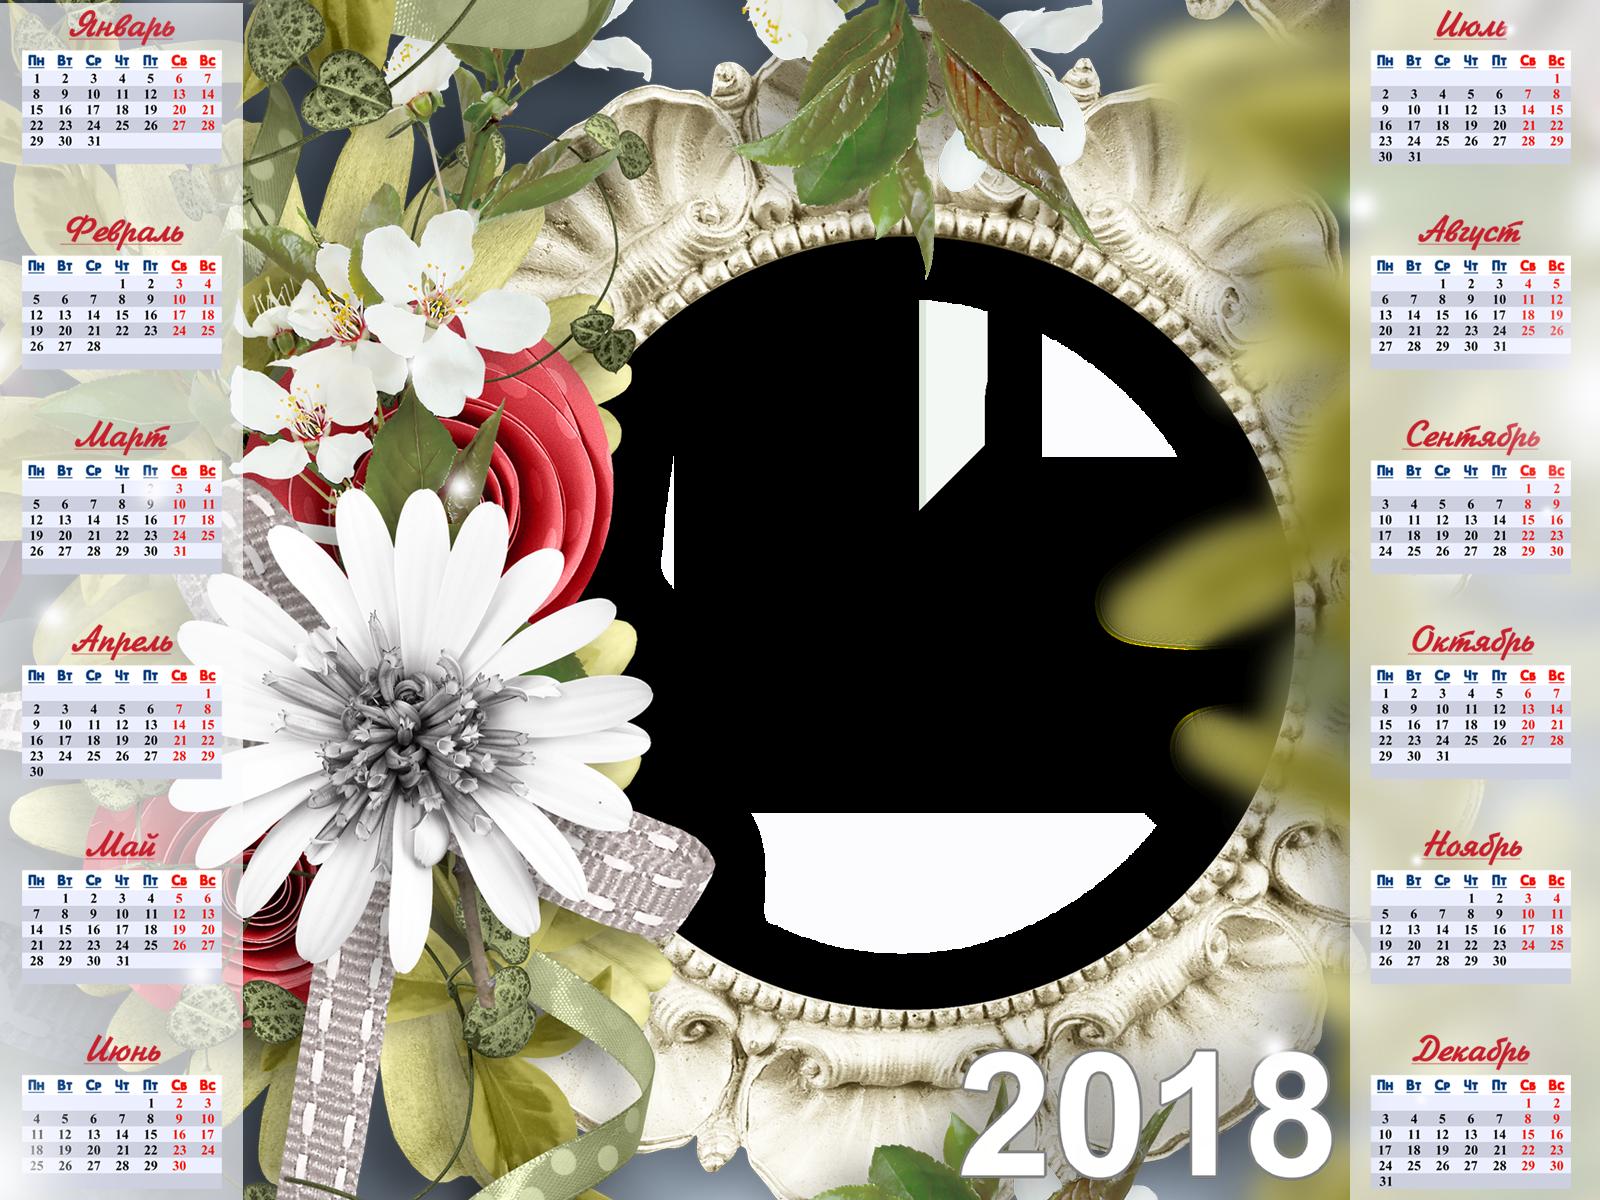 Фоторамка Календарь на 2018 год Фоторамка для фотошопа, PNG шаблон. Календарь-2018 с фотографией. Круглая рамка с лепниной, белые декоративные цветы.